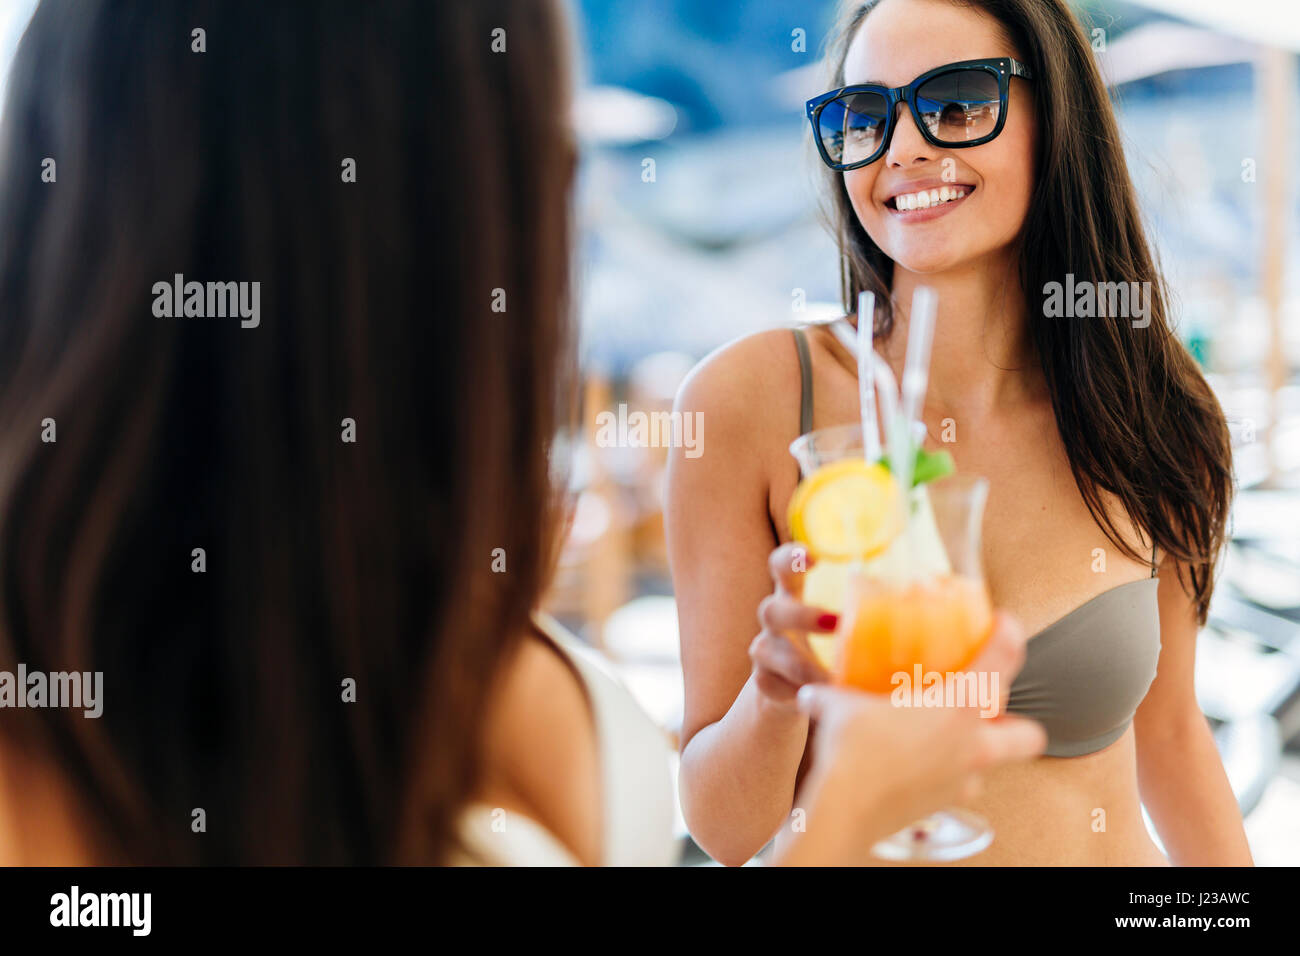 Alegre amigas bebiendo cócteles en verano y sonriente Imagen De Stock